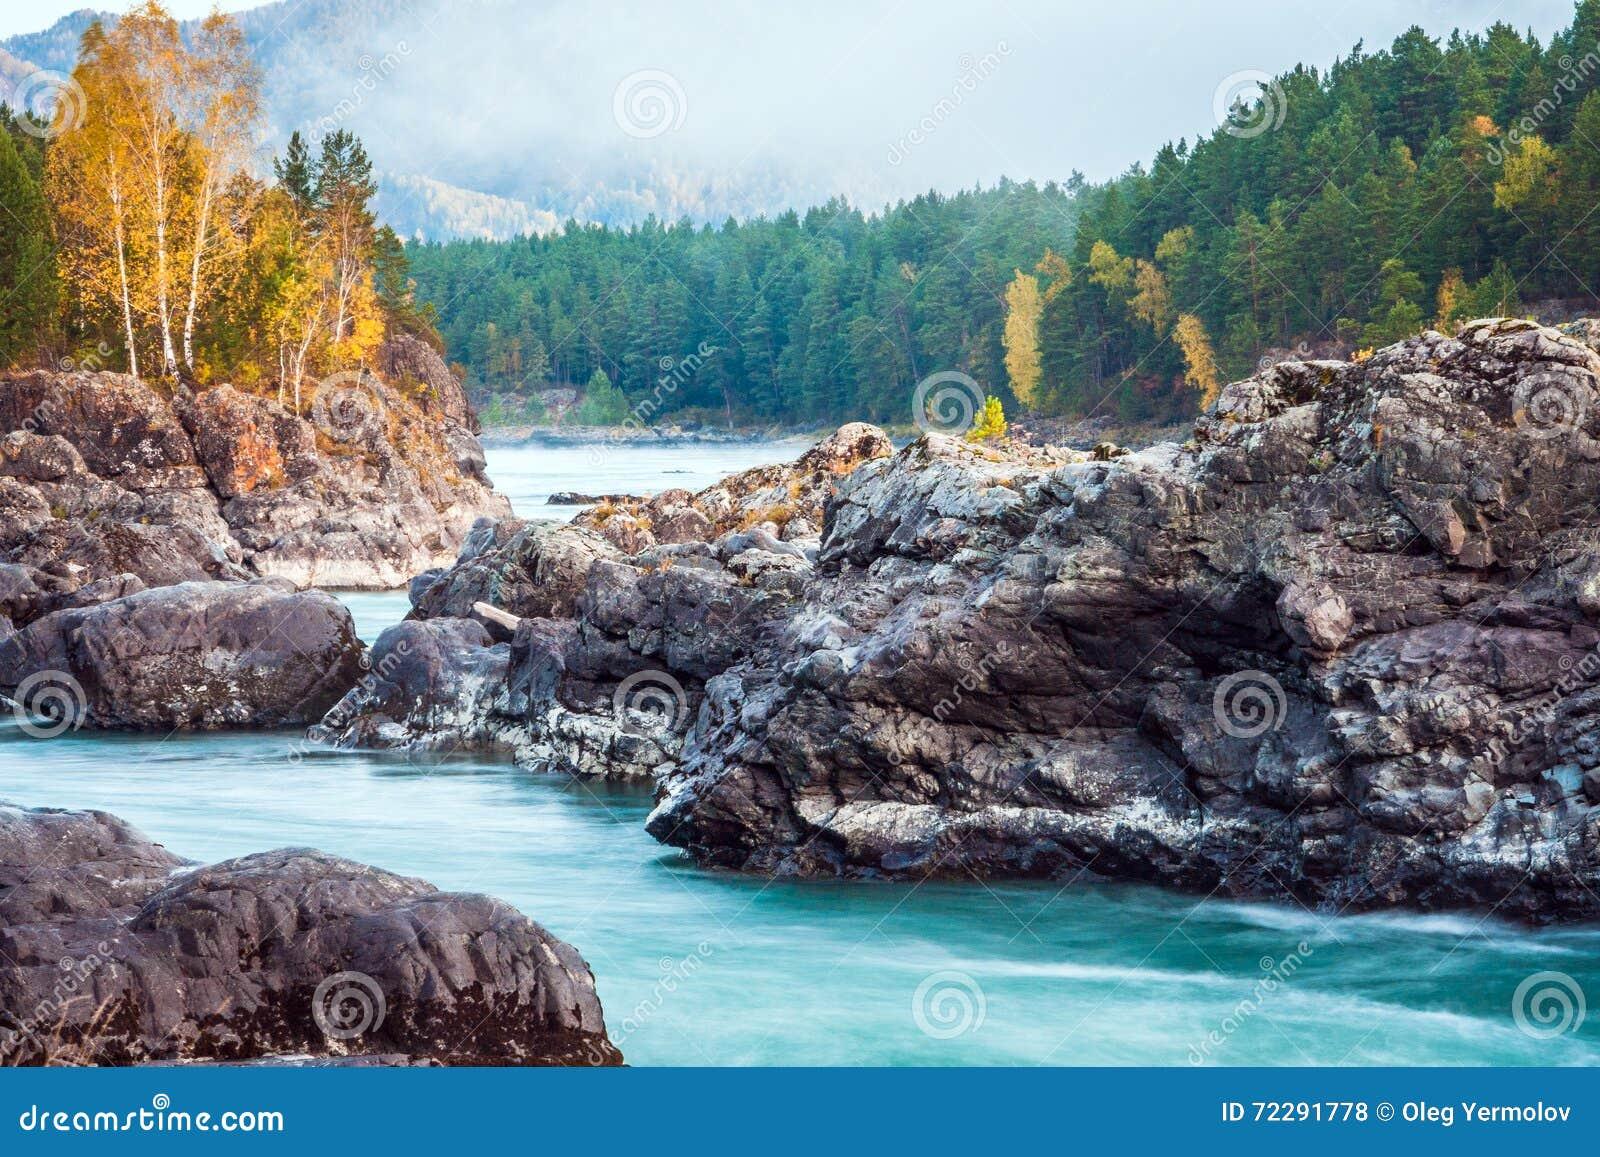 Download Река горы с утесами стоковое фото. изображение насчитывающей environment - 72291778